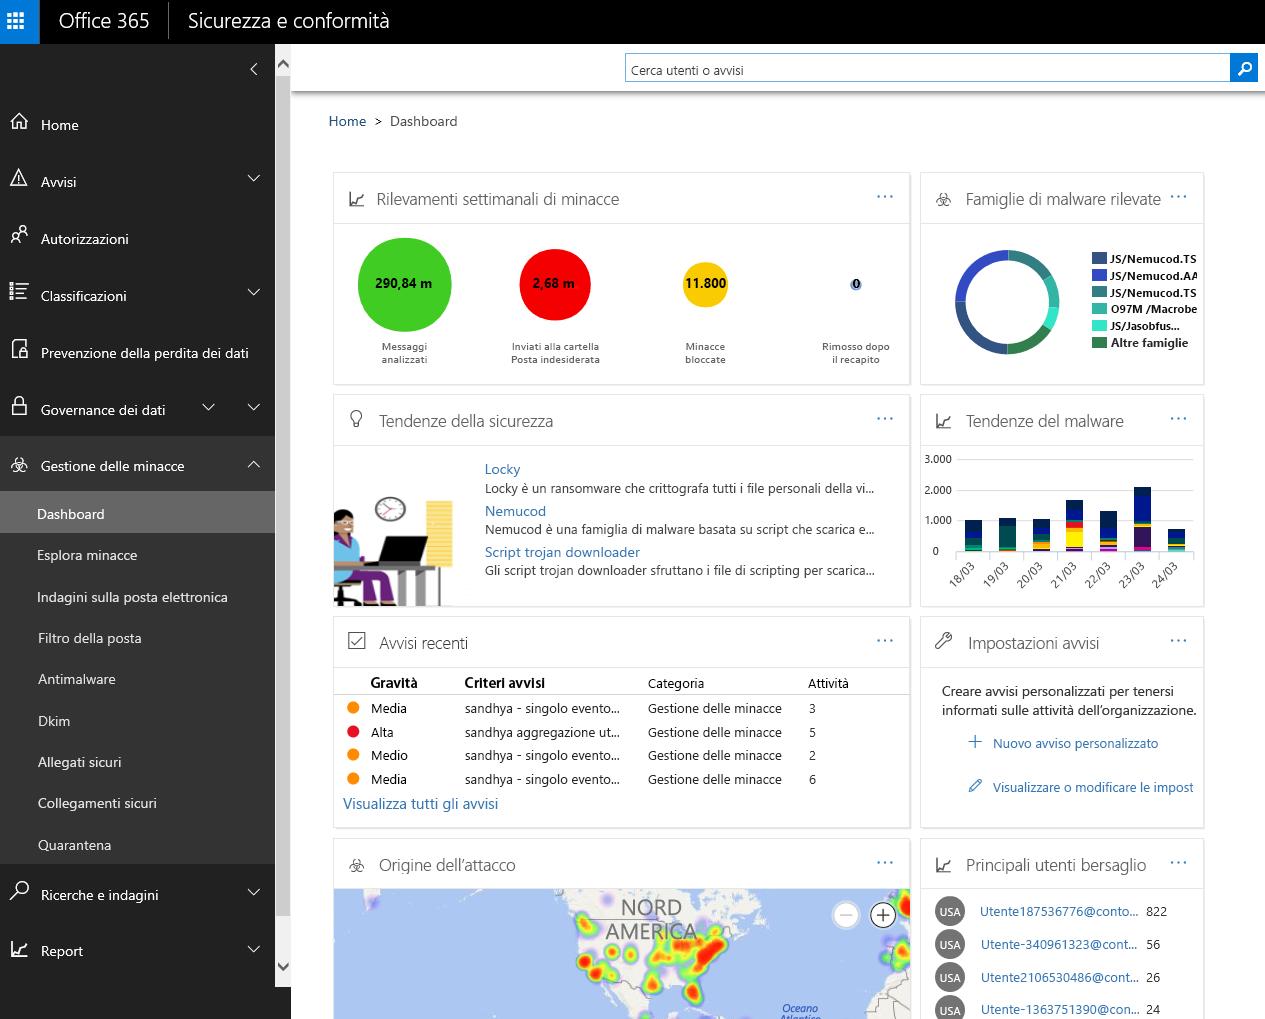 Schermata di grafici e diagrammi per riepilogo Dashboard di Business Intelligence rischio delle minacce specifiche tenant di Office 365